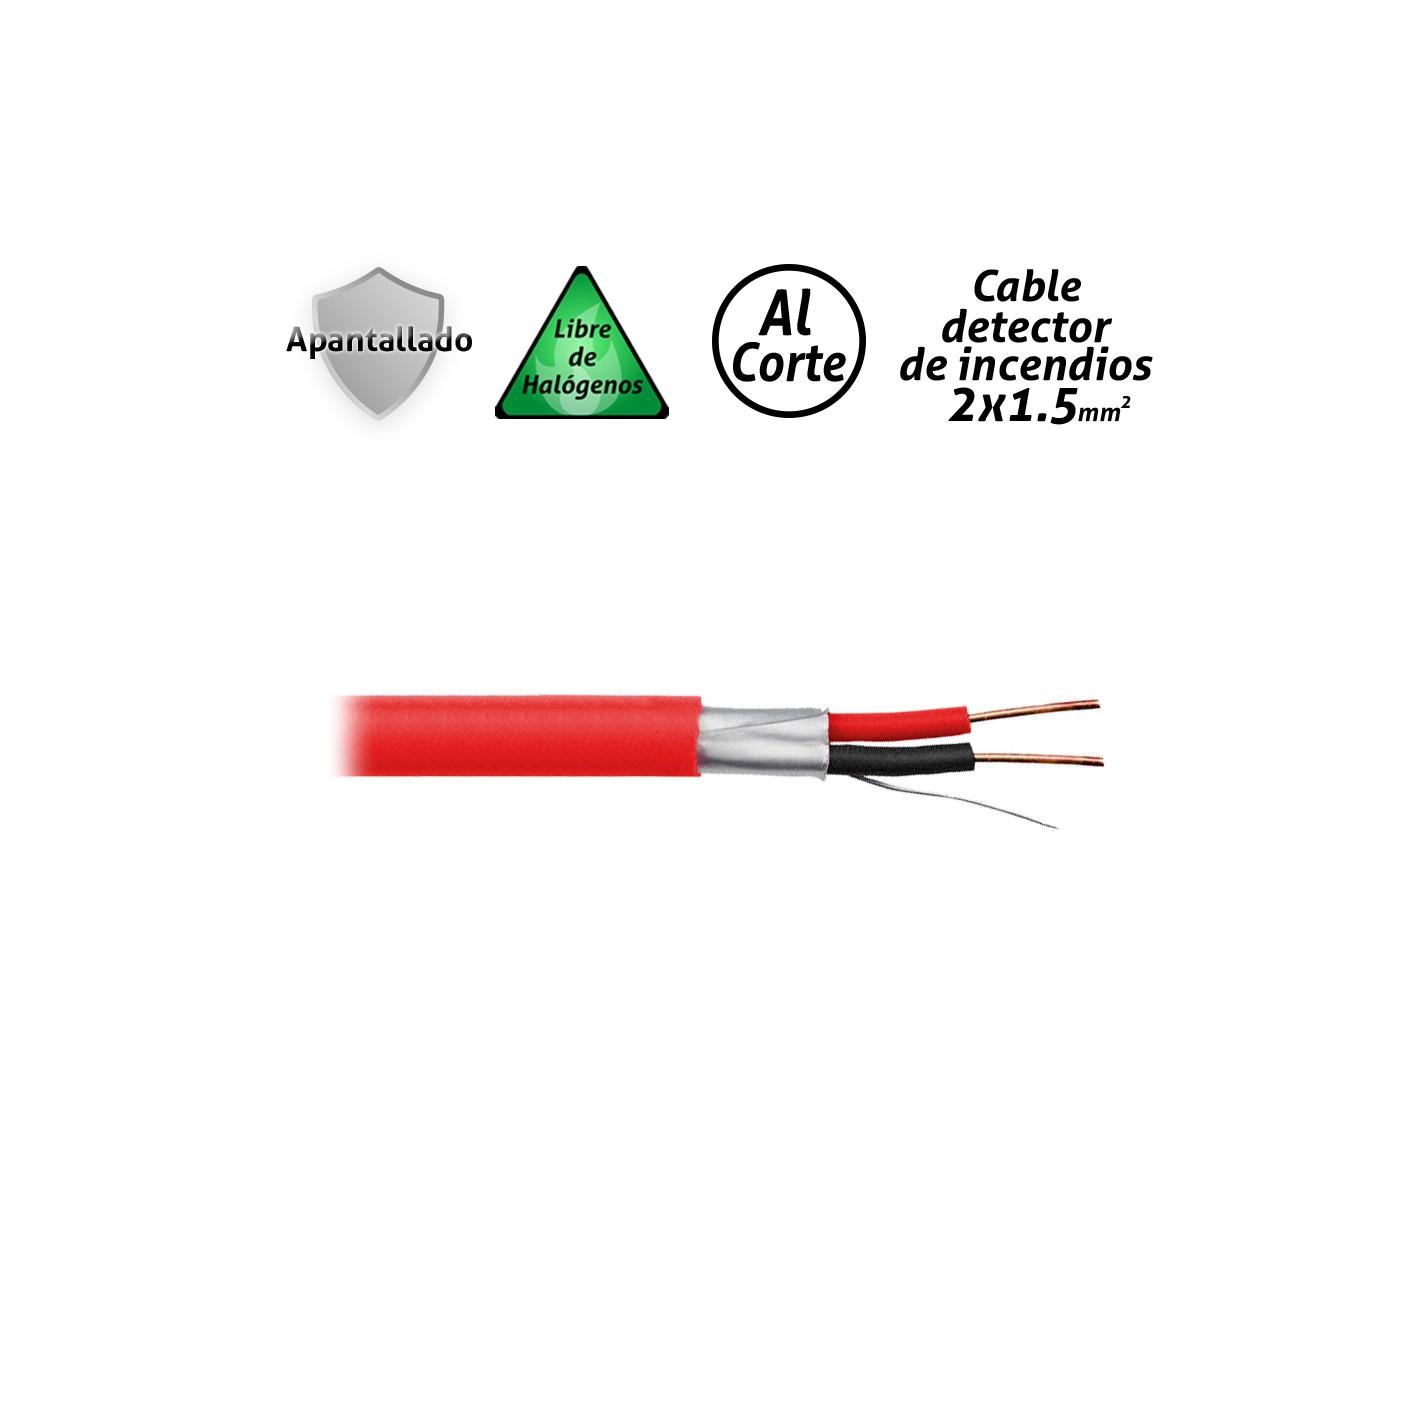 Cable para detector de incendios apantallado - Detector cables pared ...